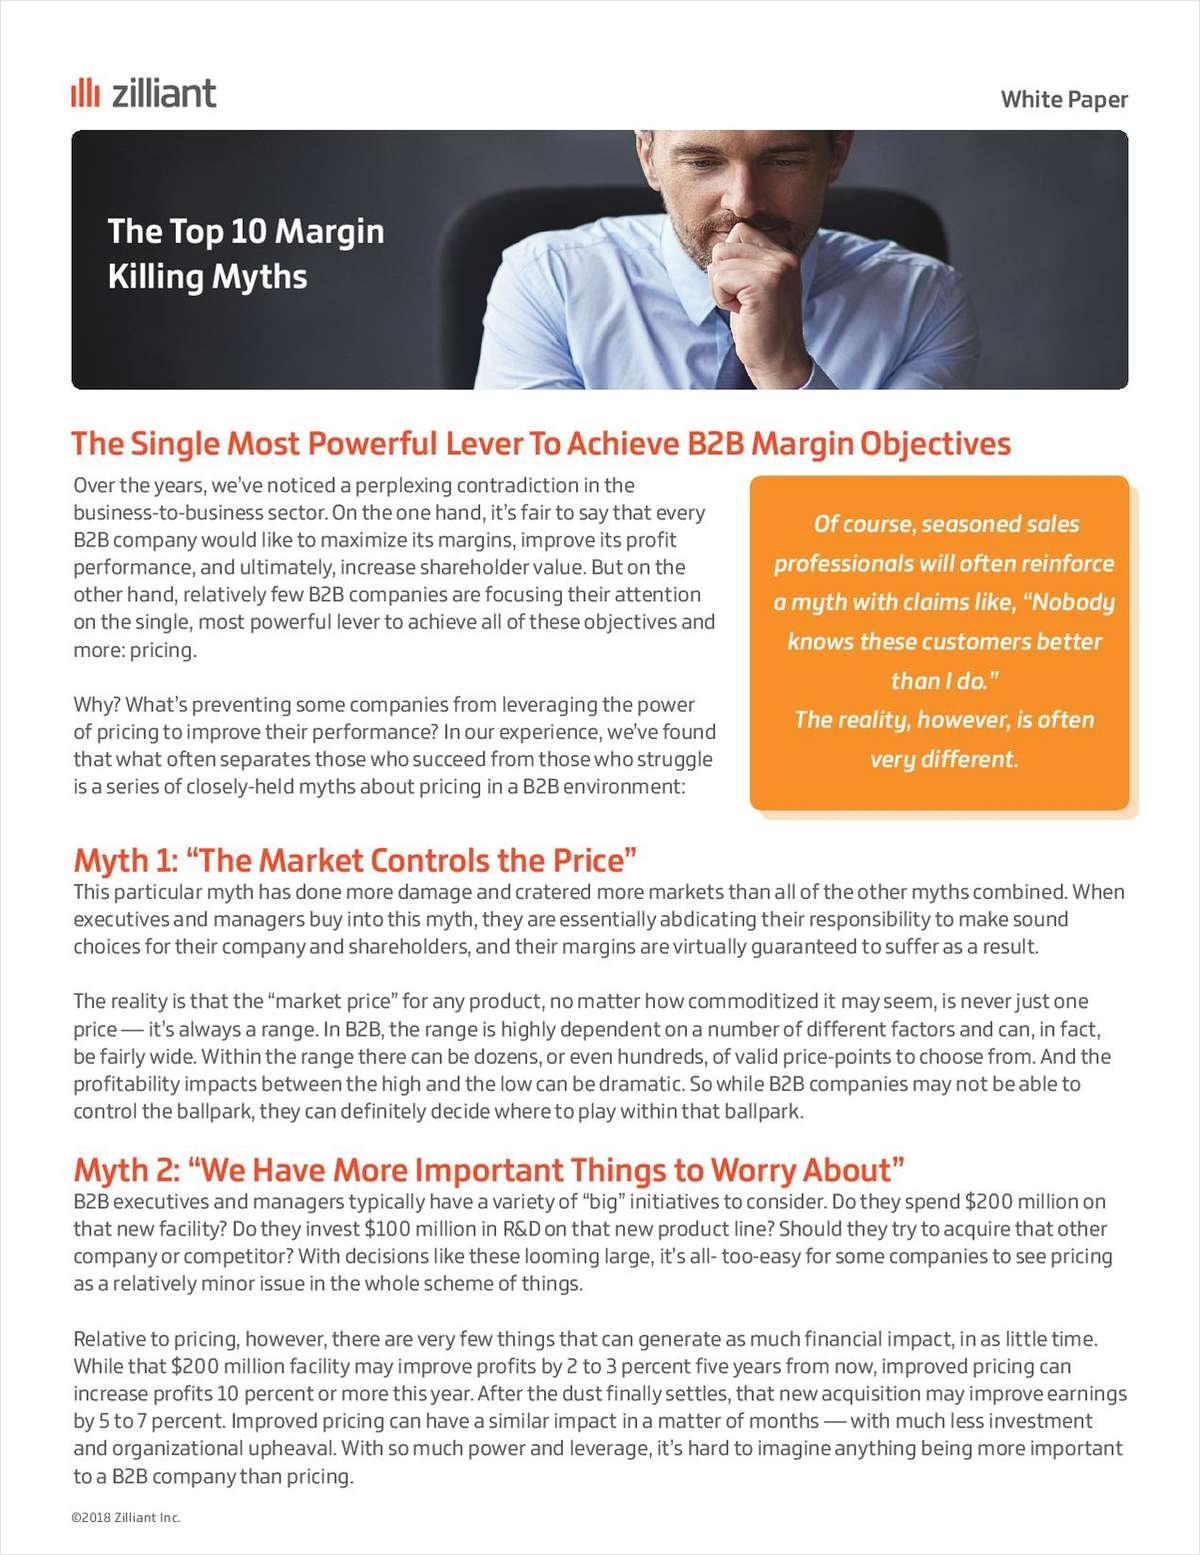 The Top 10 Margin-Killing Myths In B2B